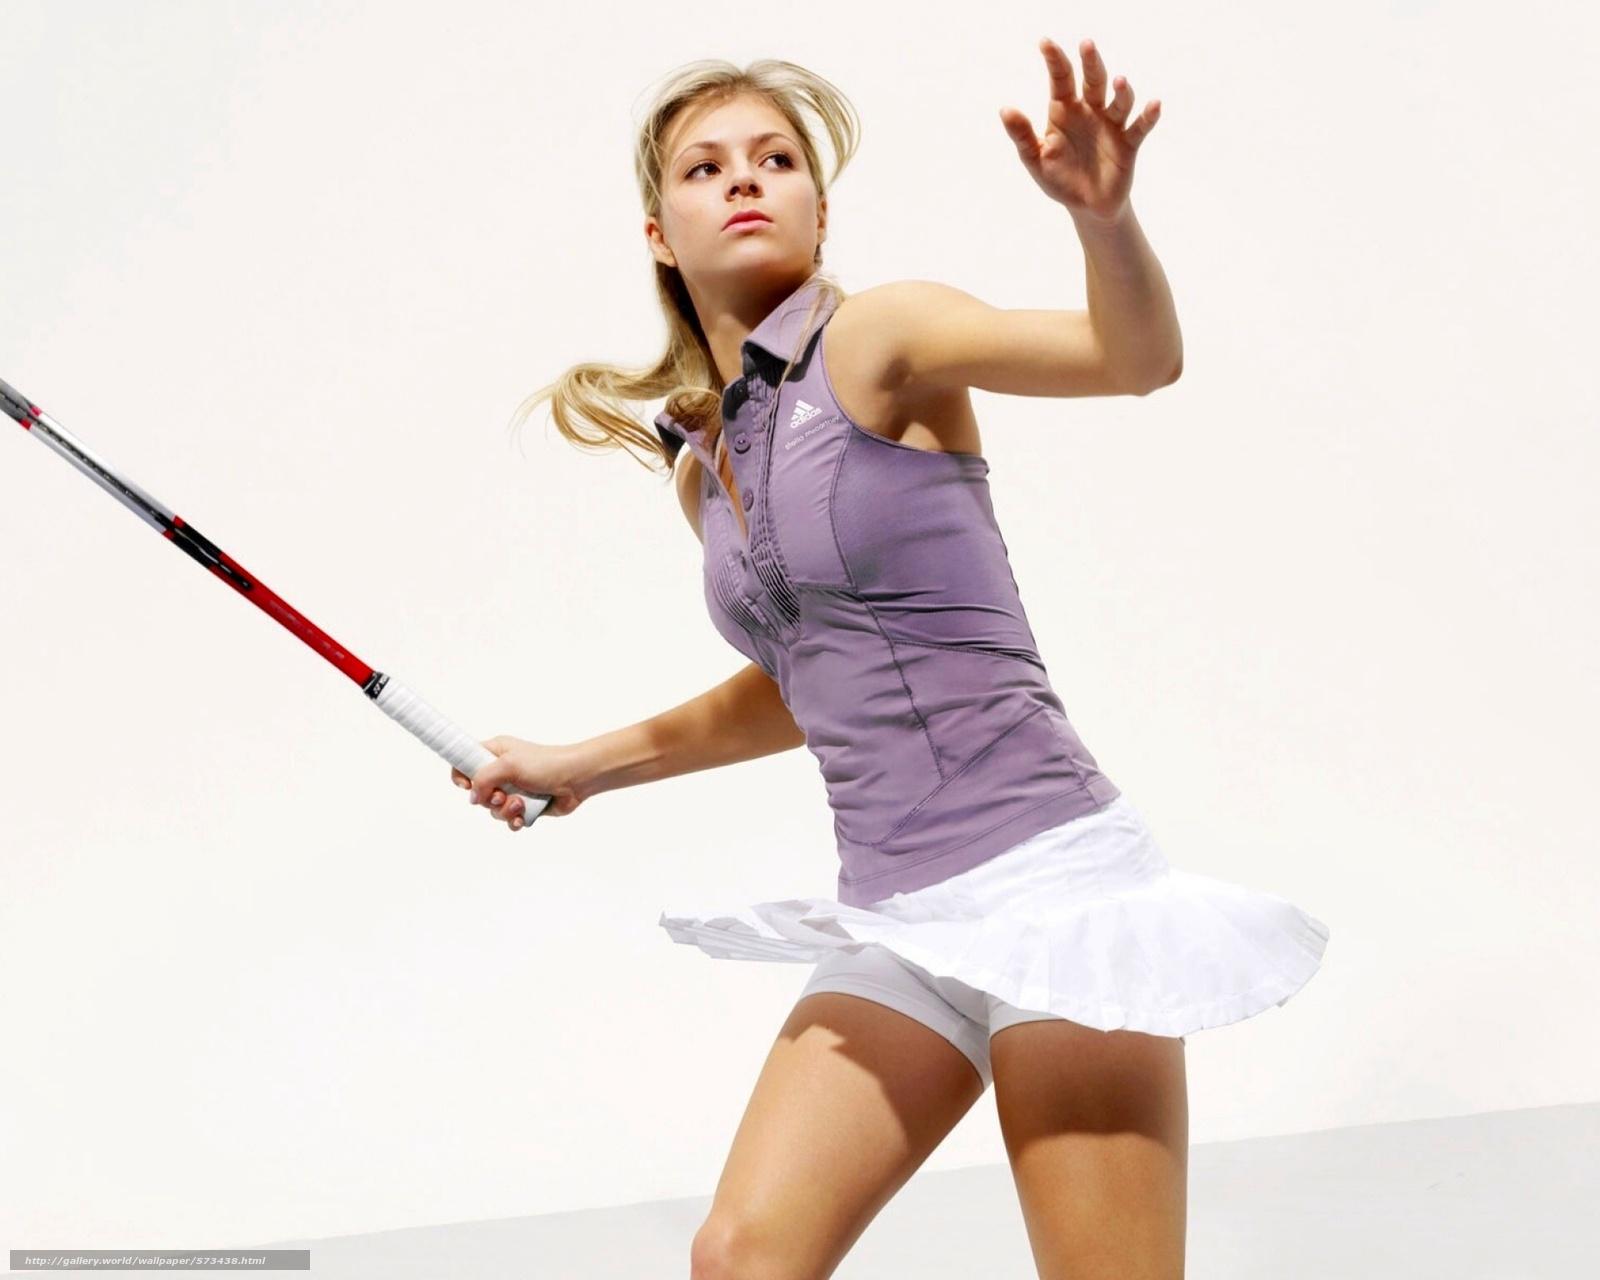 下载壁纸 运动,  女孩,  tennis.lyudi 免费为您的桌面分辨率的壁纸 1920x1536 — 图片 №573438